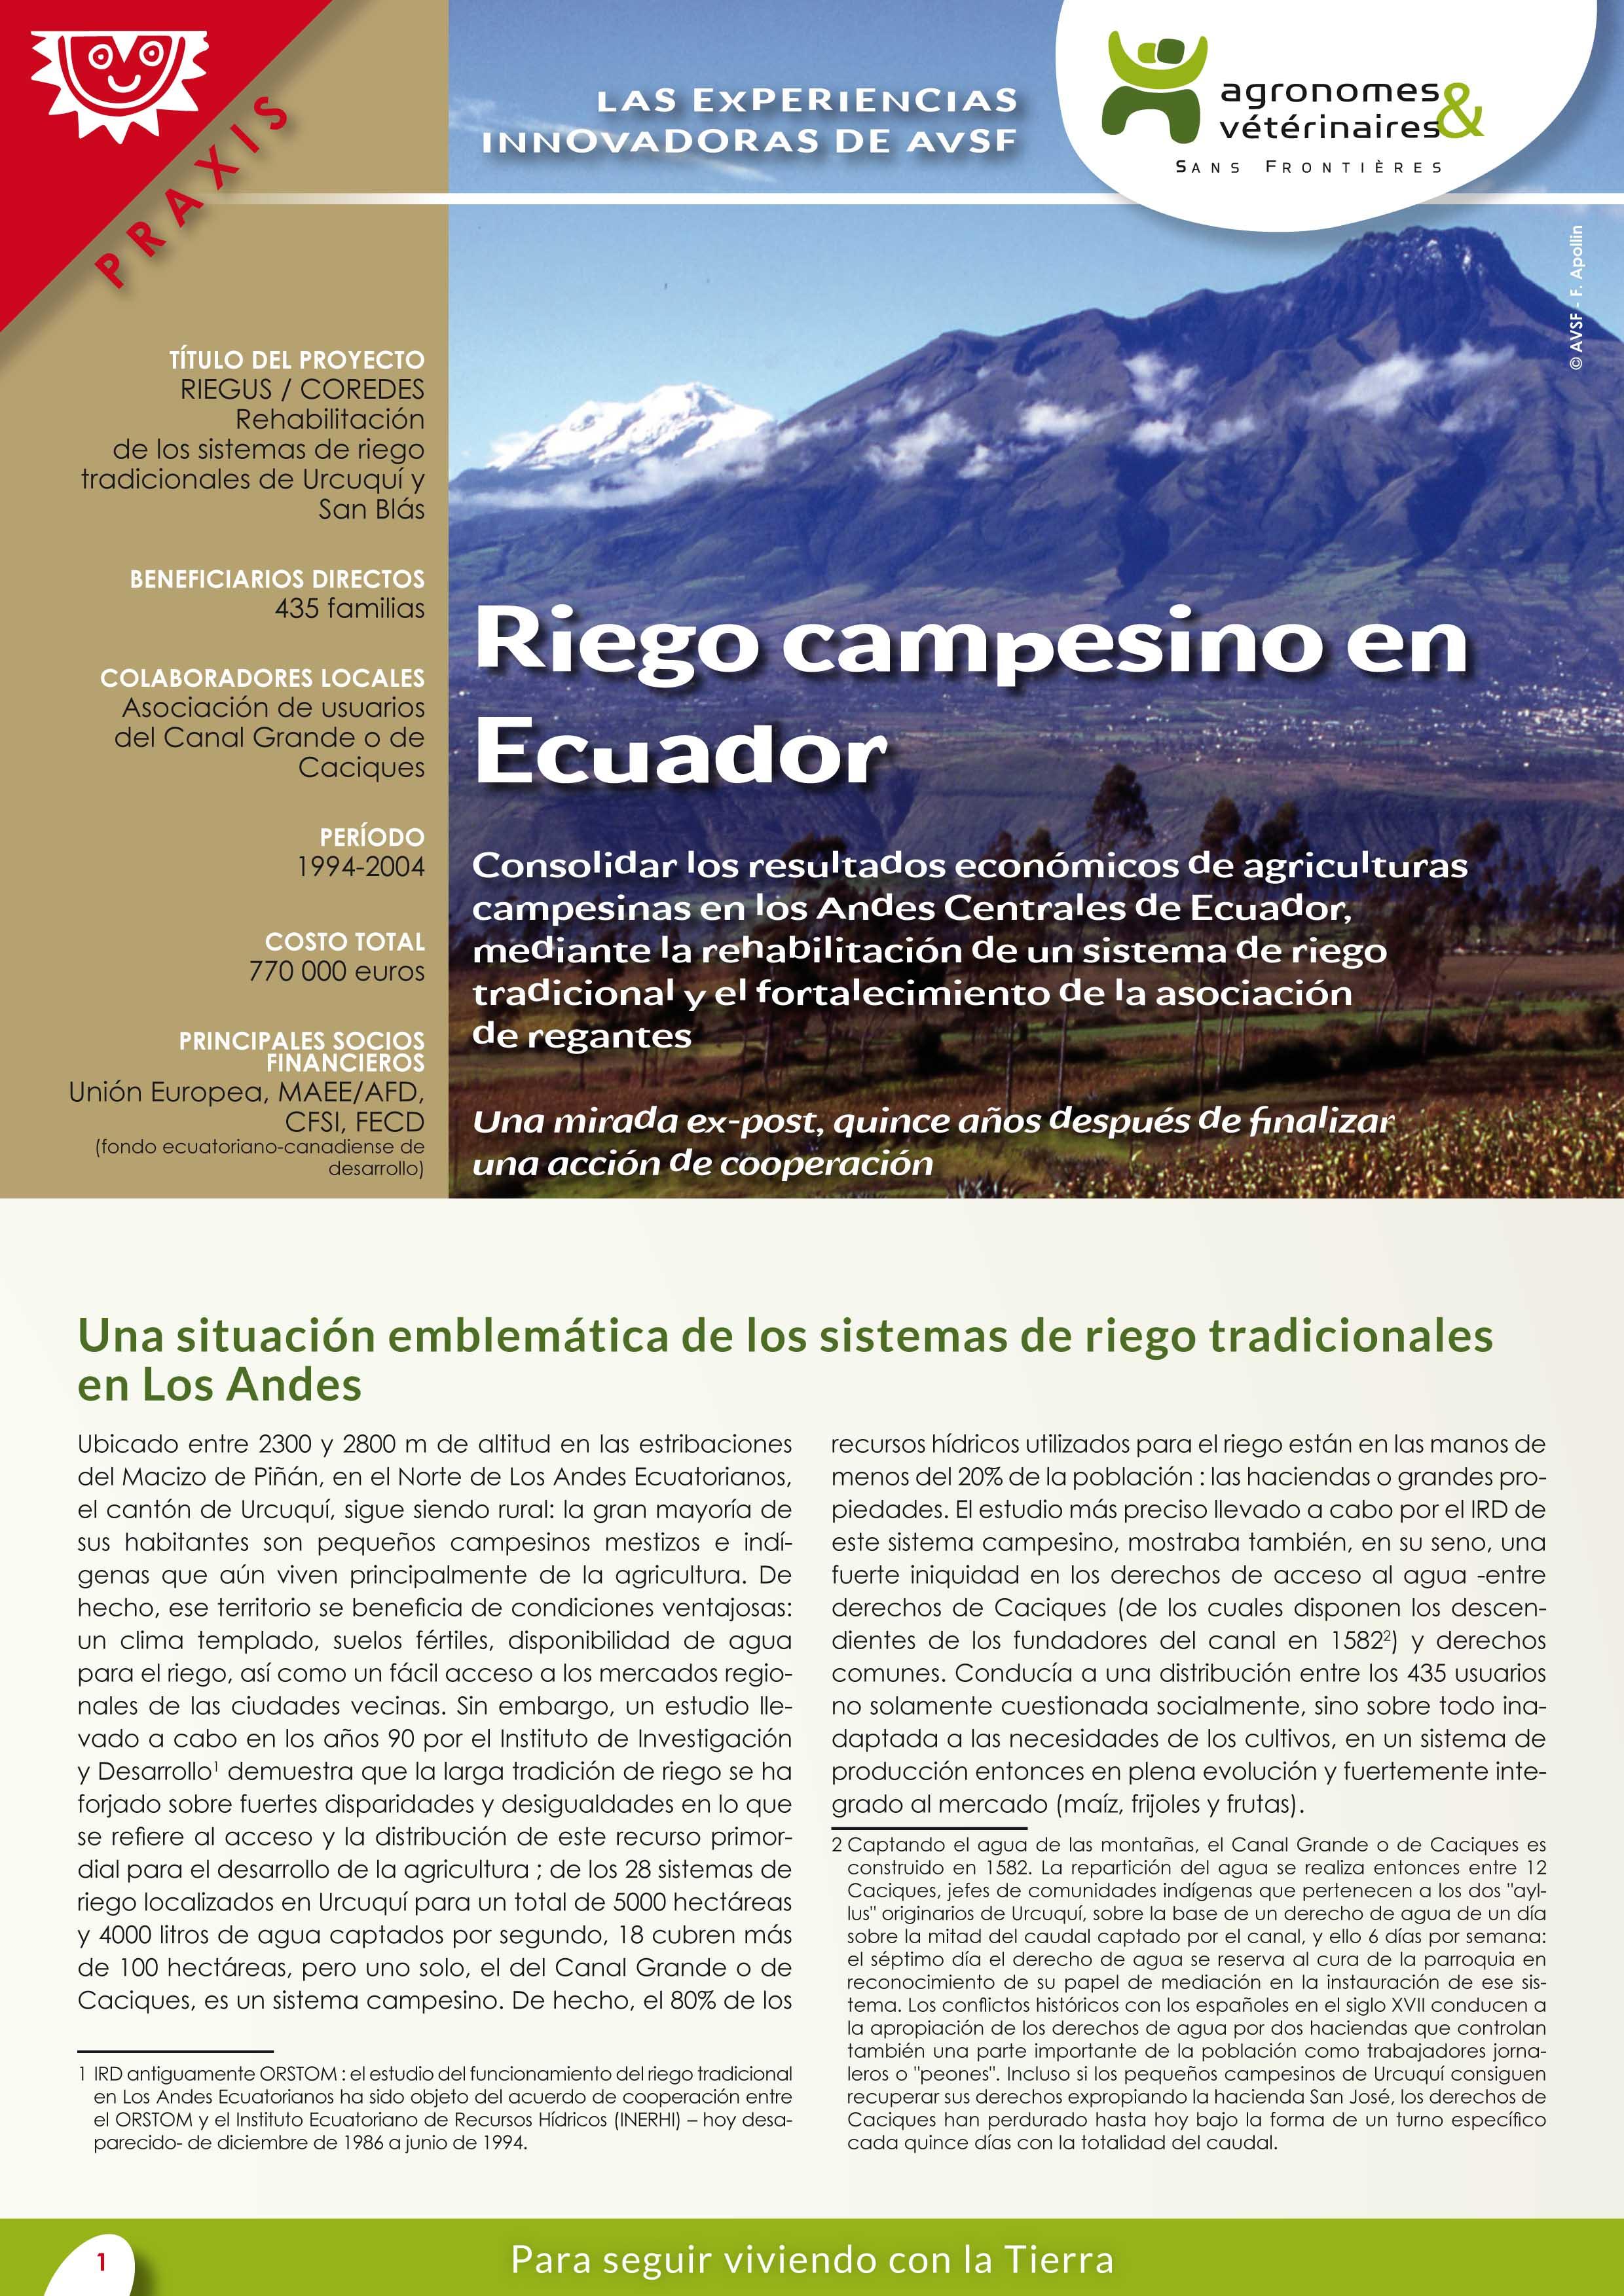 Las experiencias innovadoras de AVSF: Riego campesino en Ecuador Image principale